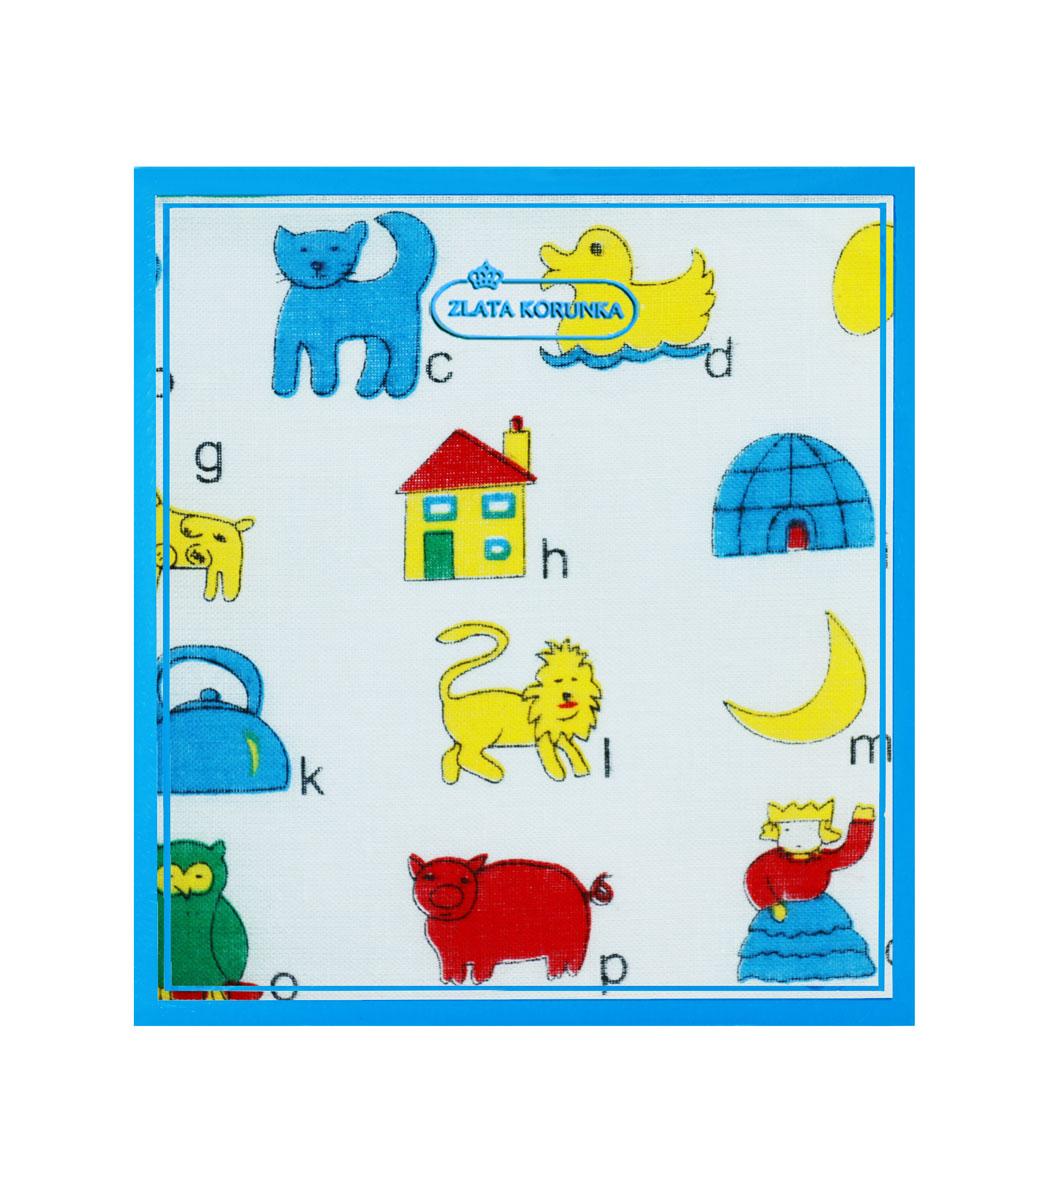 40230-10 Zlata Korunka Носовой платок детский, цвет: мультиколор, 21х21 см, 2 шт40230-10Платки носовые детские в упаковке по 2 шт. Носовые платки изготовлены из 100% хлопка, так как этот материал приятен в использовании, хорошо стирается, не садится, отлично впитывает влагу.